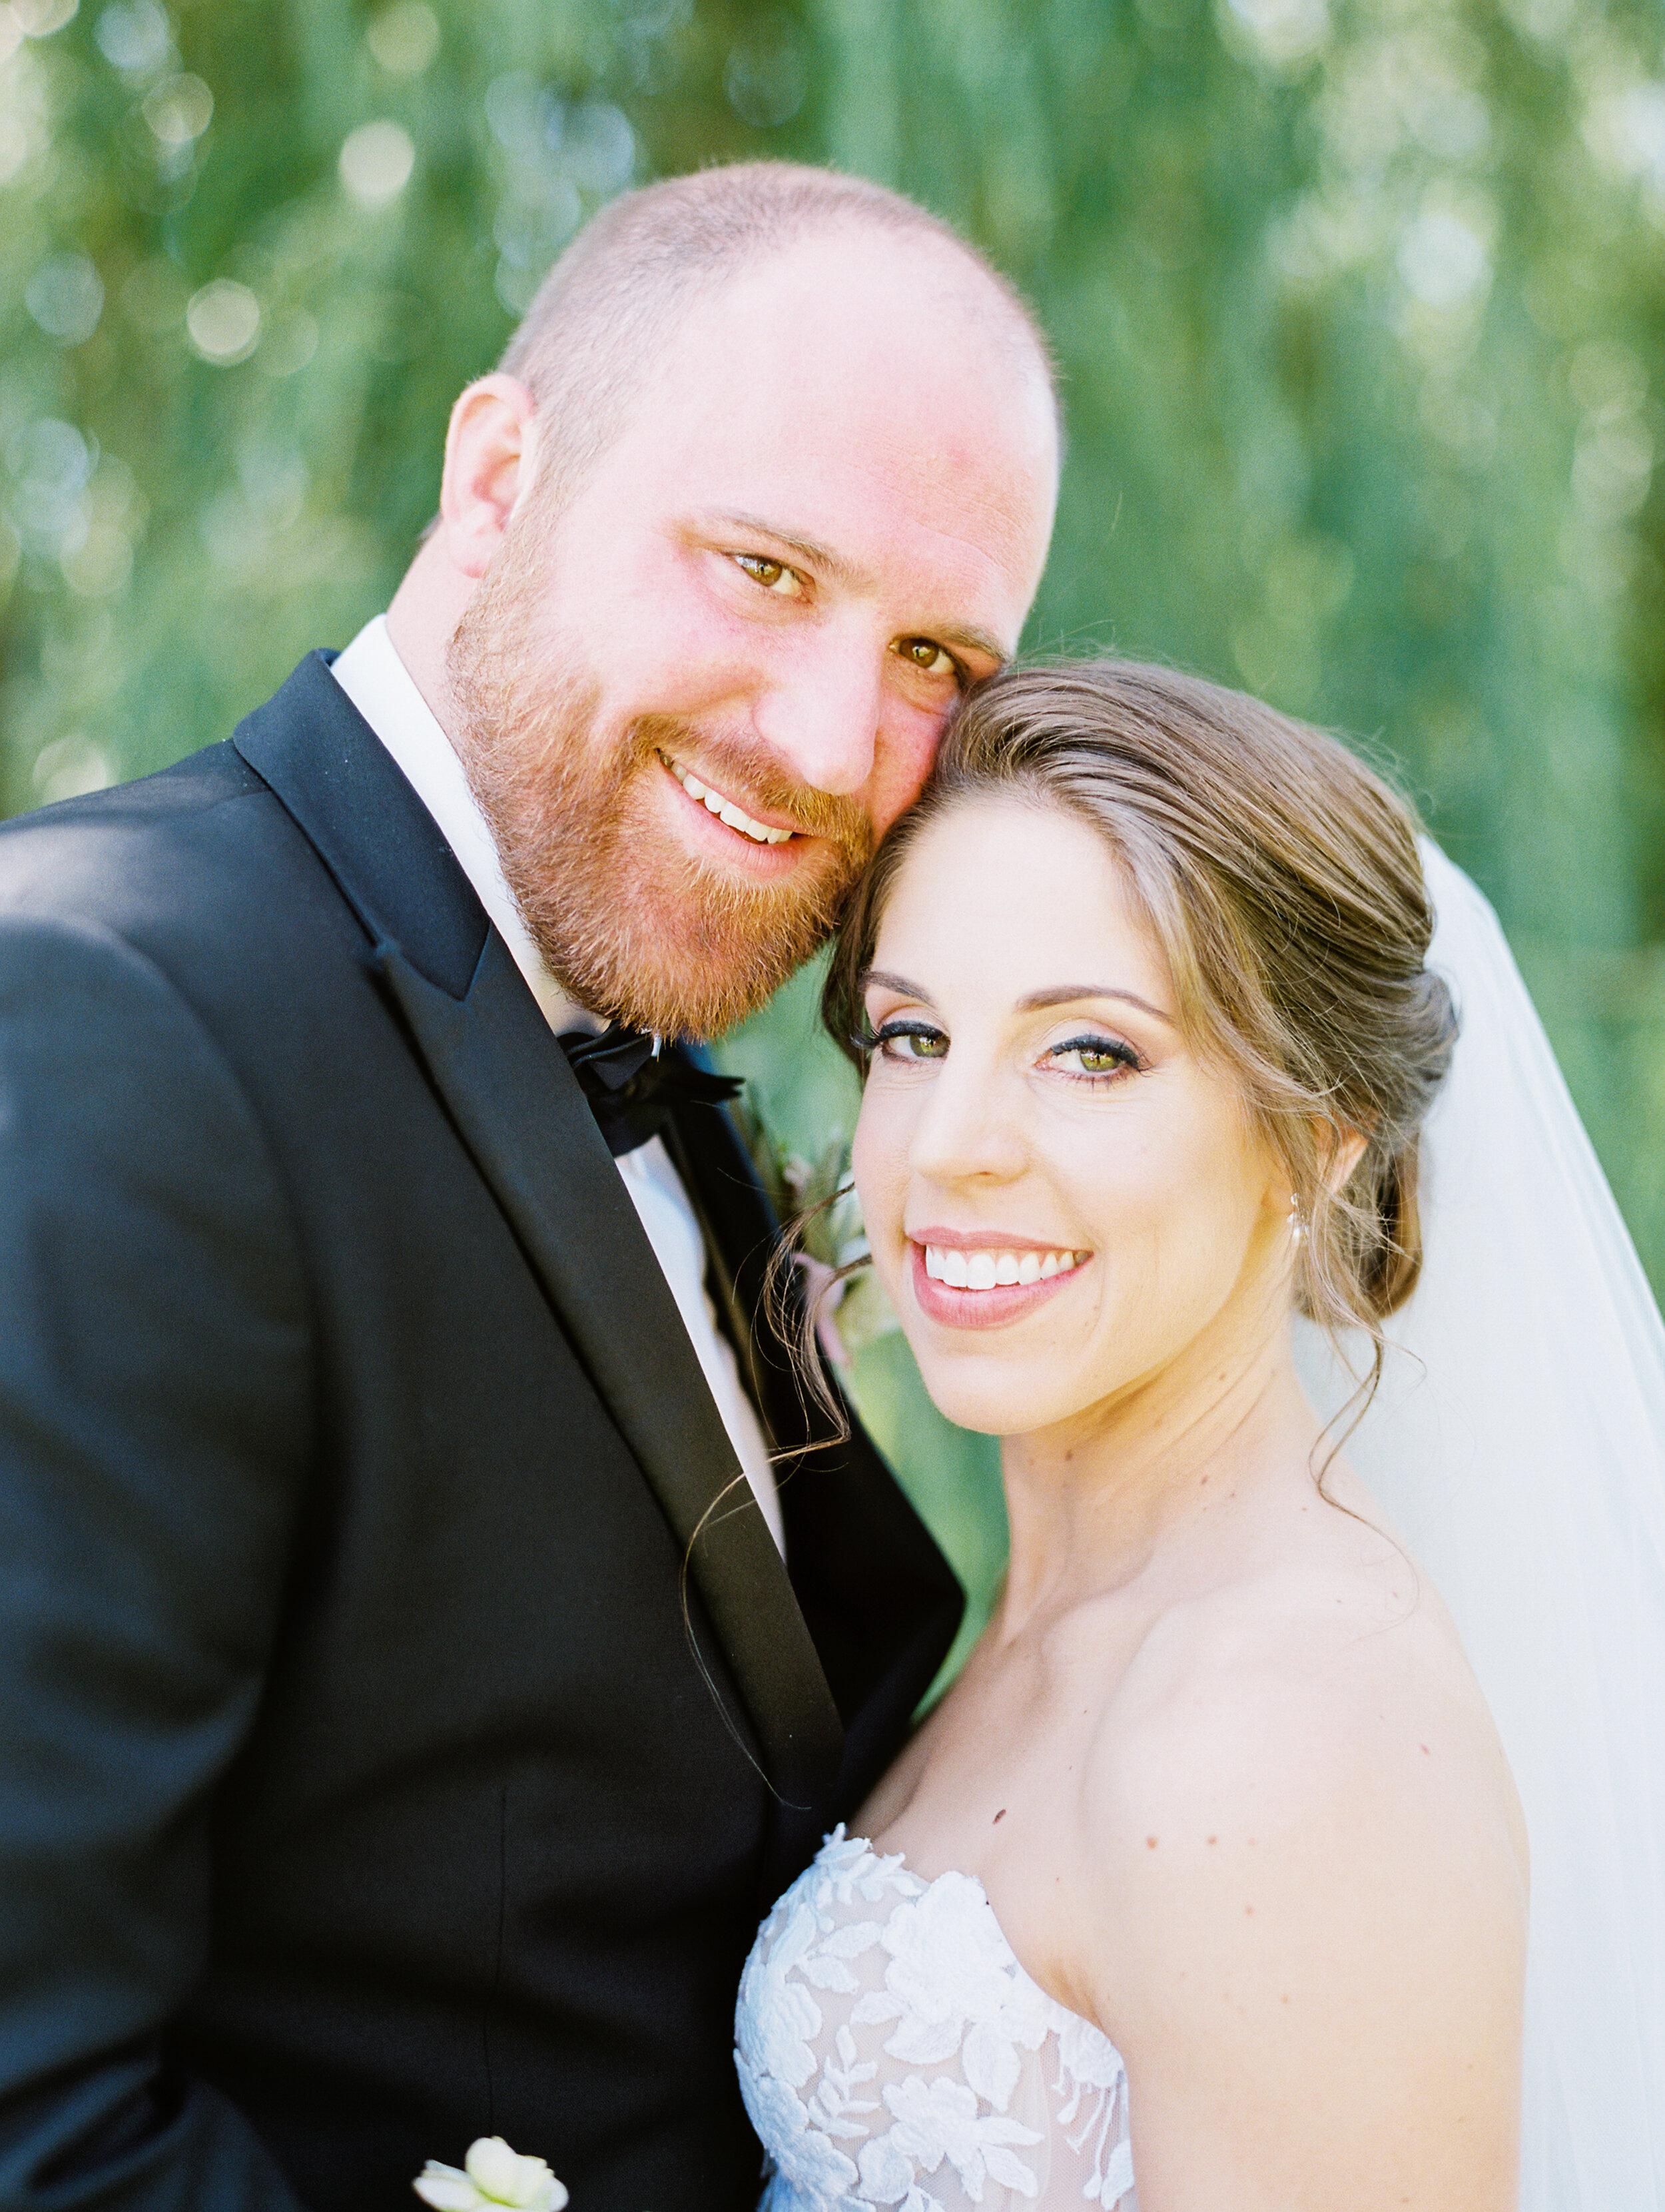 Steinlage+Wedding+First+Look-29.jpg